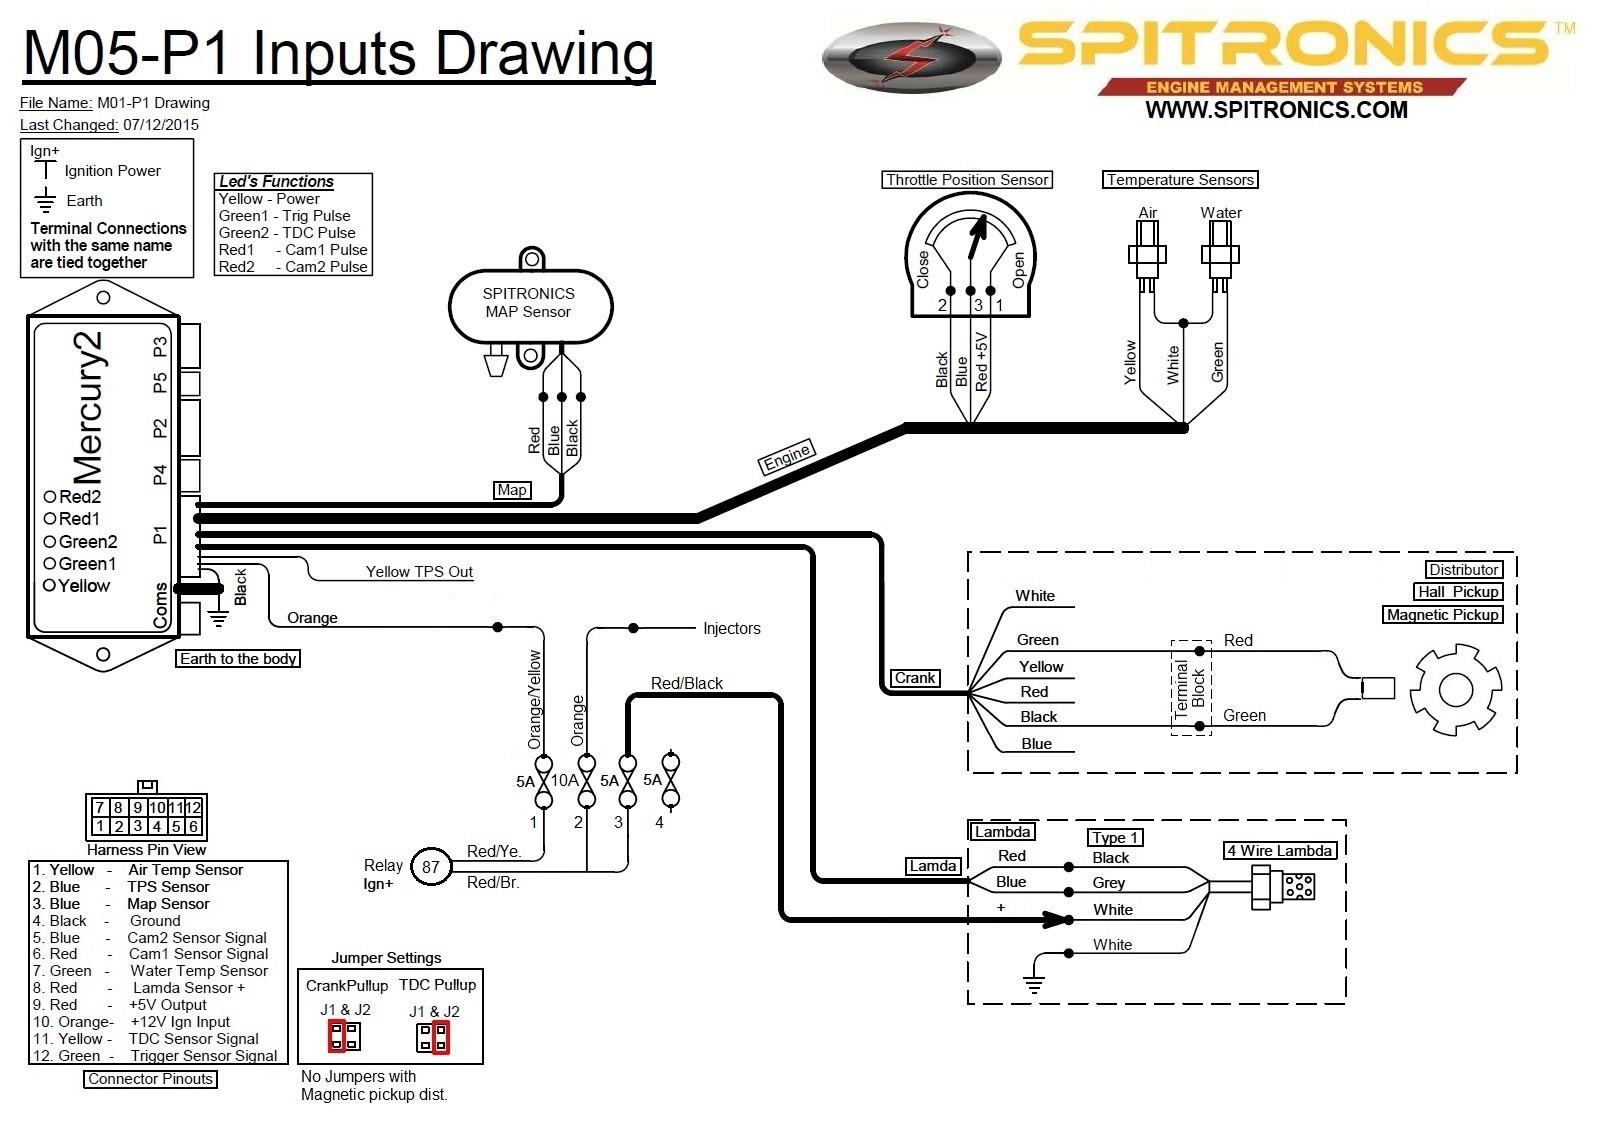 Spitronic Ecu Std Wiing Diagrams Upgrading A 280z Efi to Spitronics Mercury 2 Ecu Page 2 Fuel Injection the Classic Zcar Club